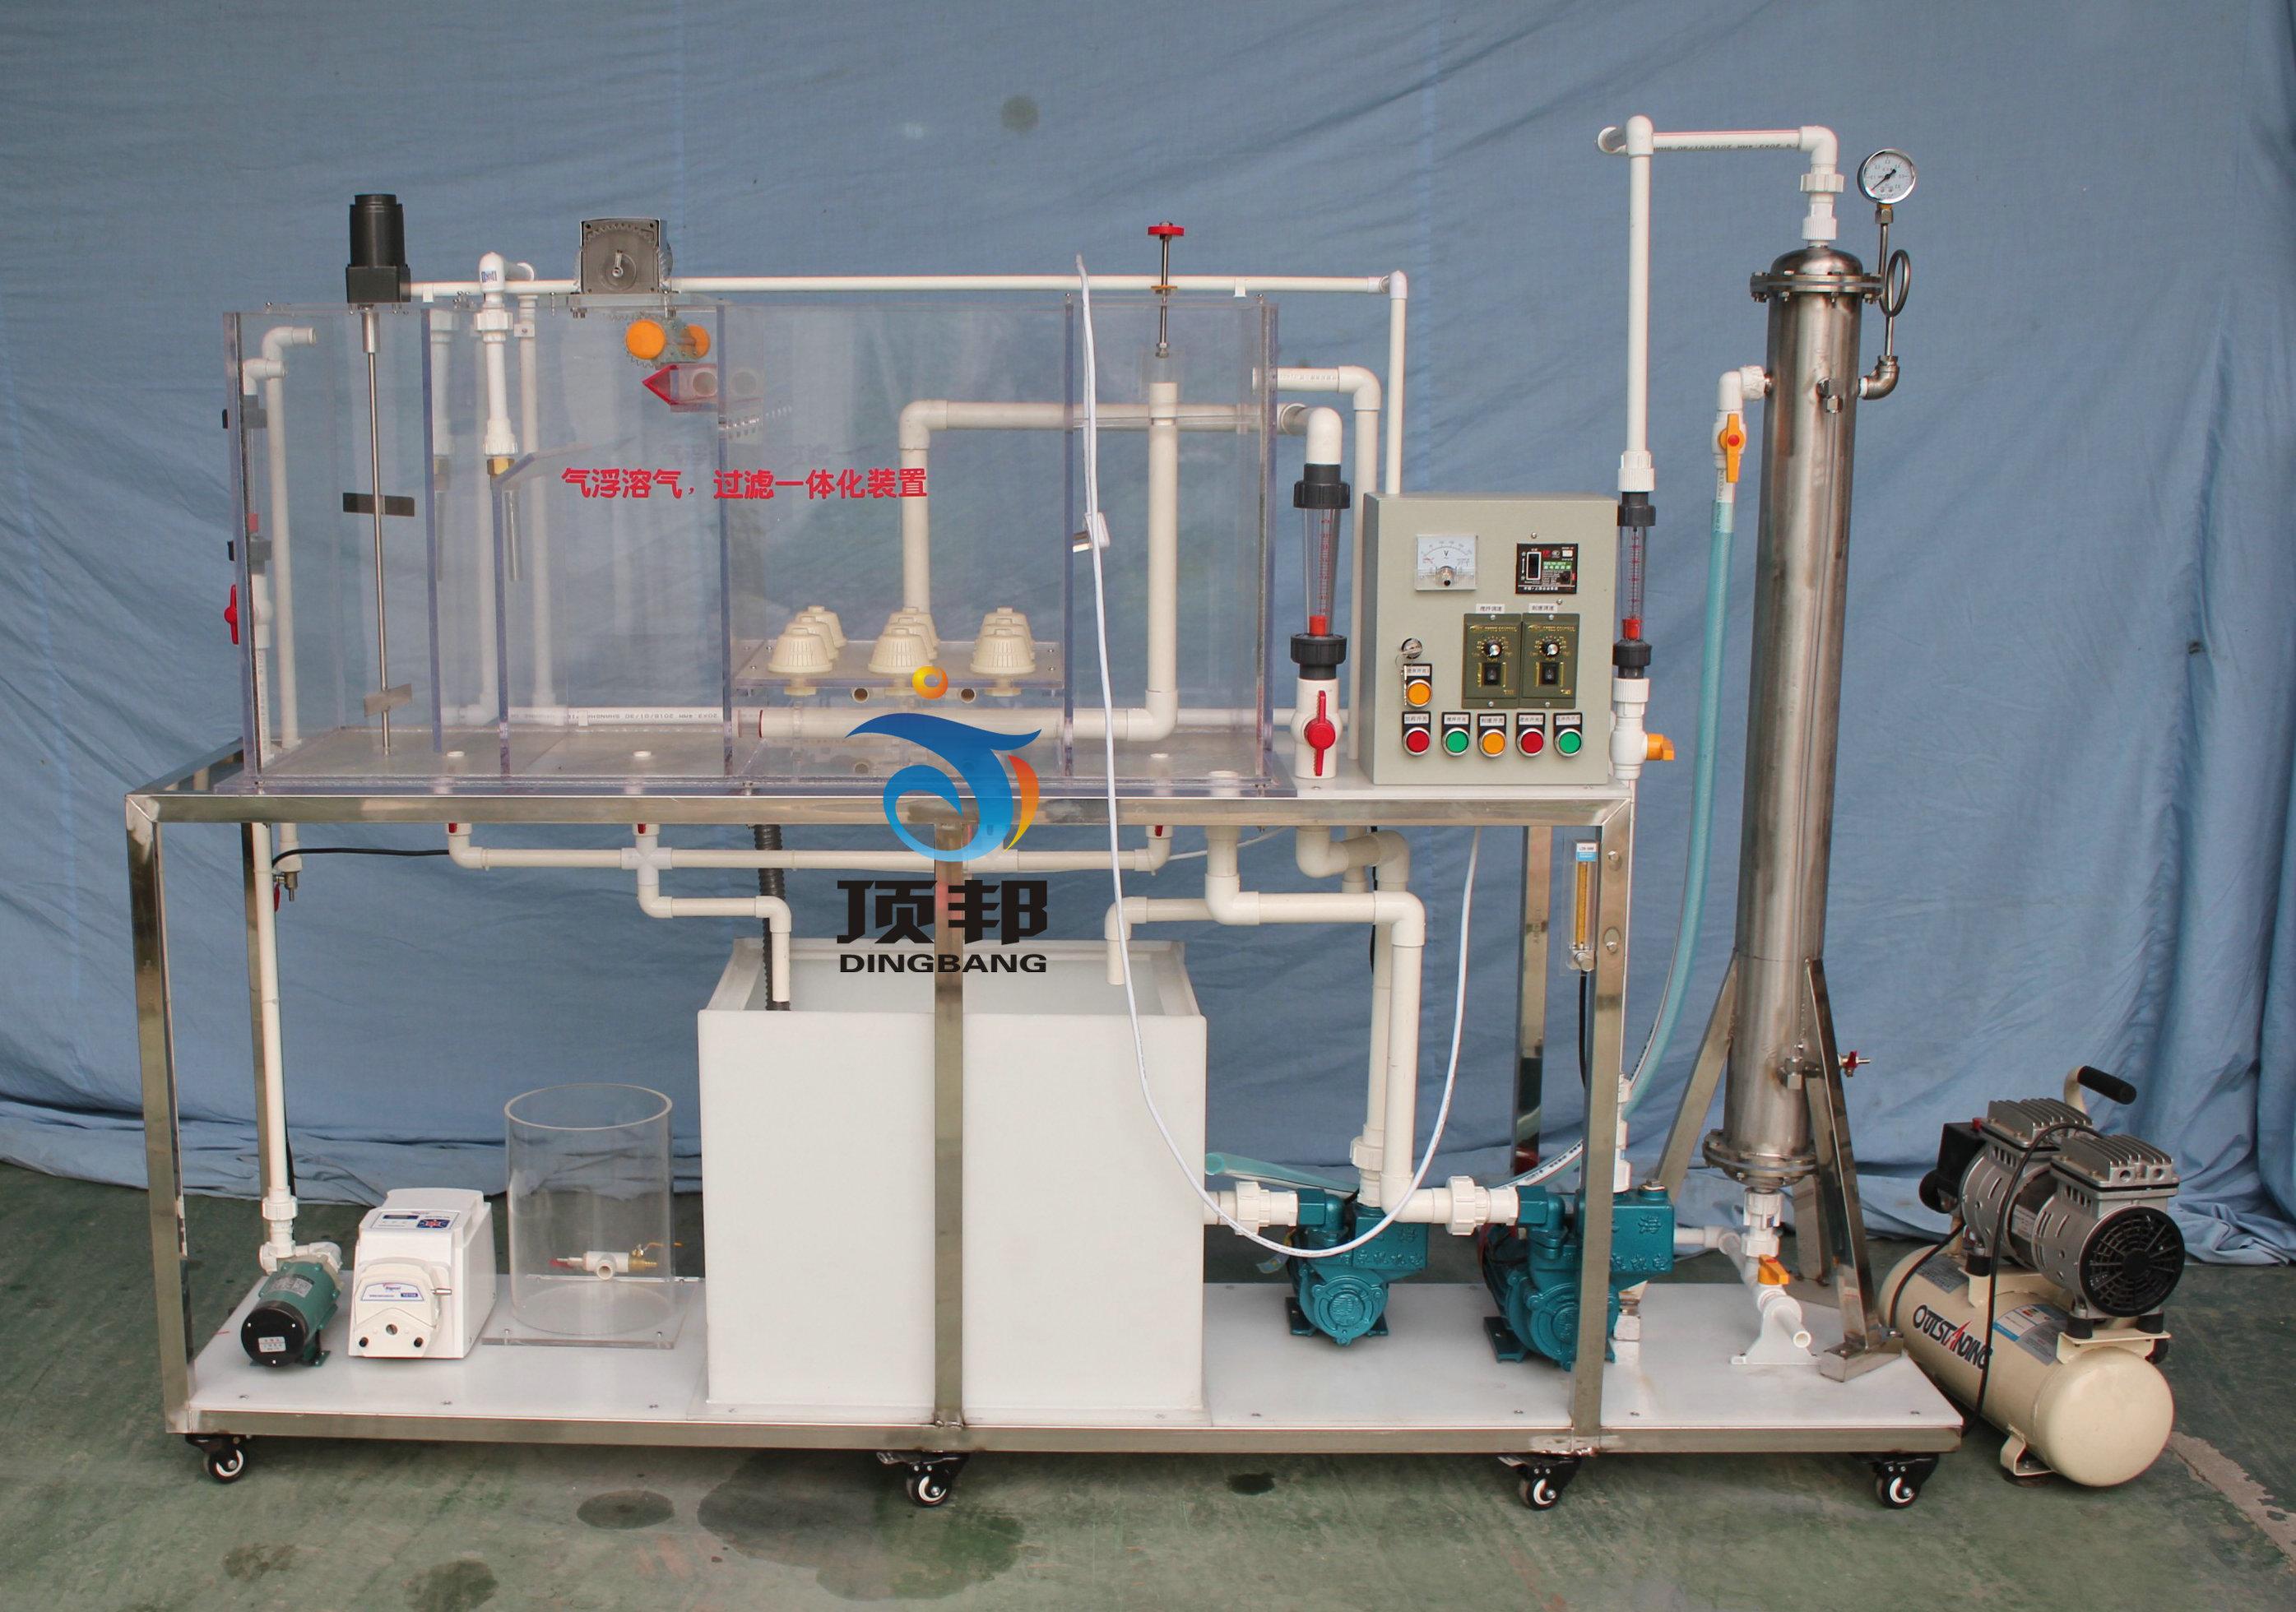 气浮溶气过滤一体化实验装置